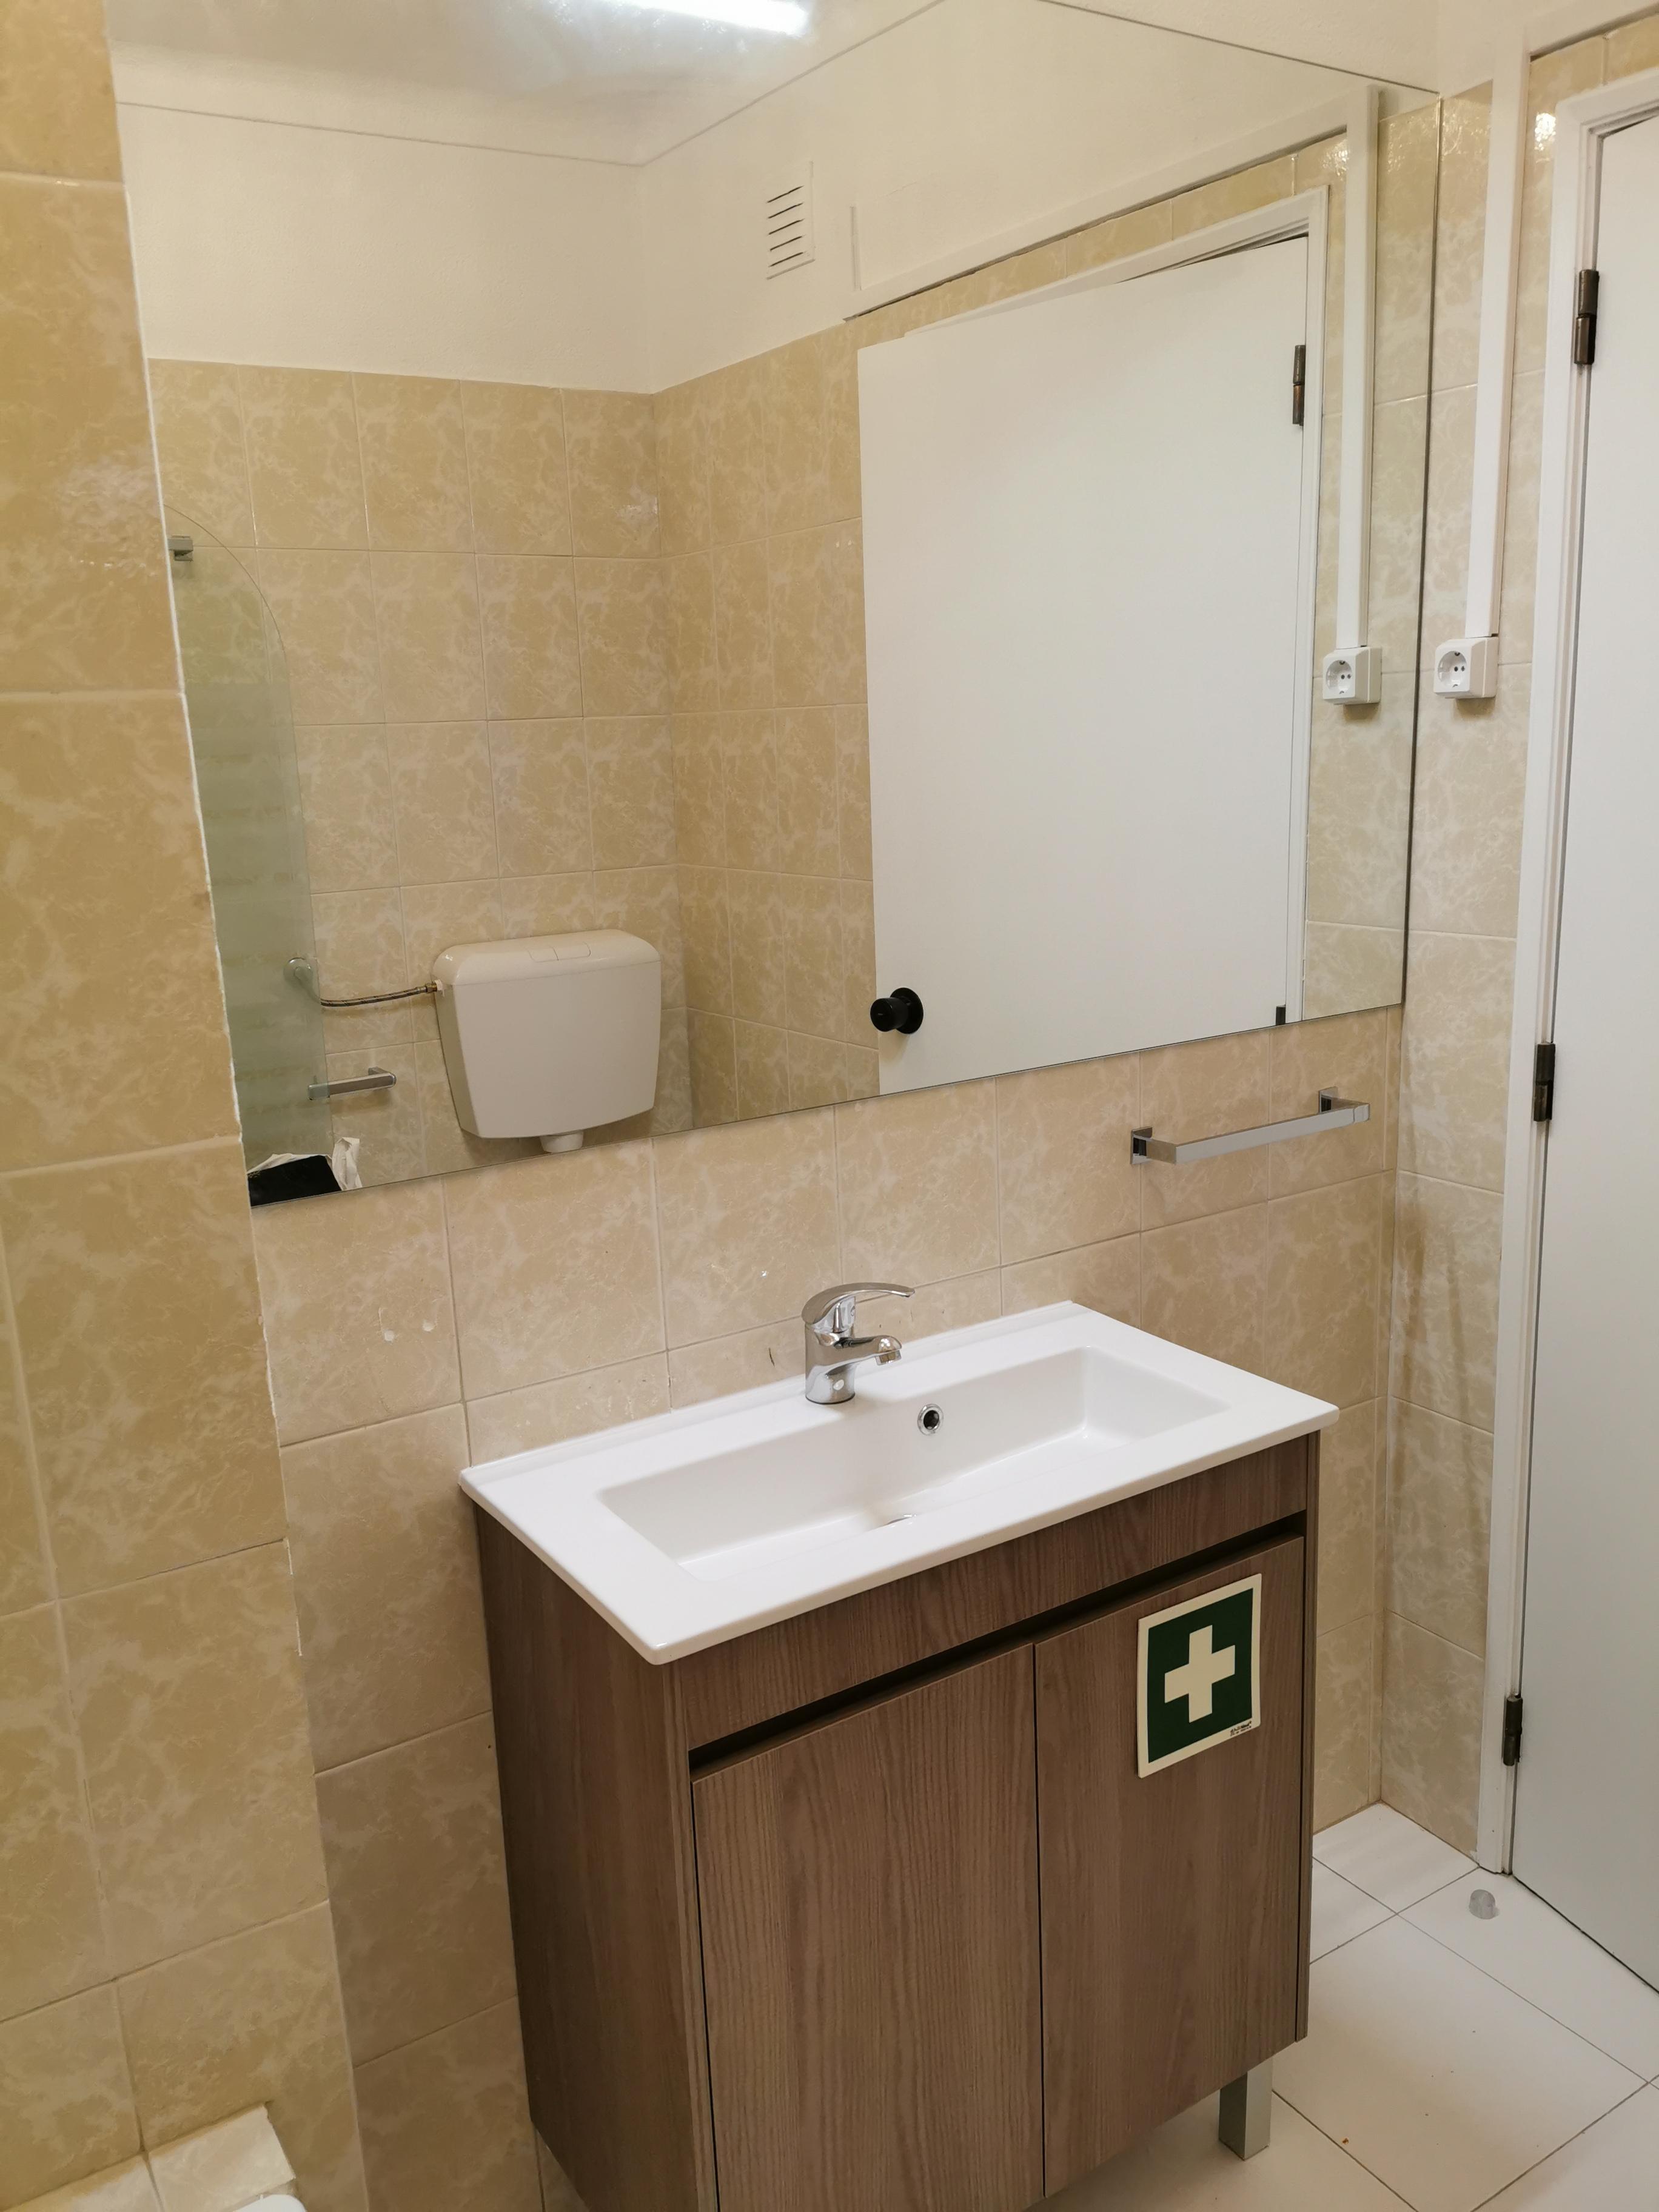 Location appartements et villas de vacance, T1 Encosta do Vau à Portimão, Portugal Algarve, REF_IMG_11603_11620